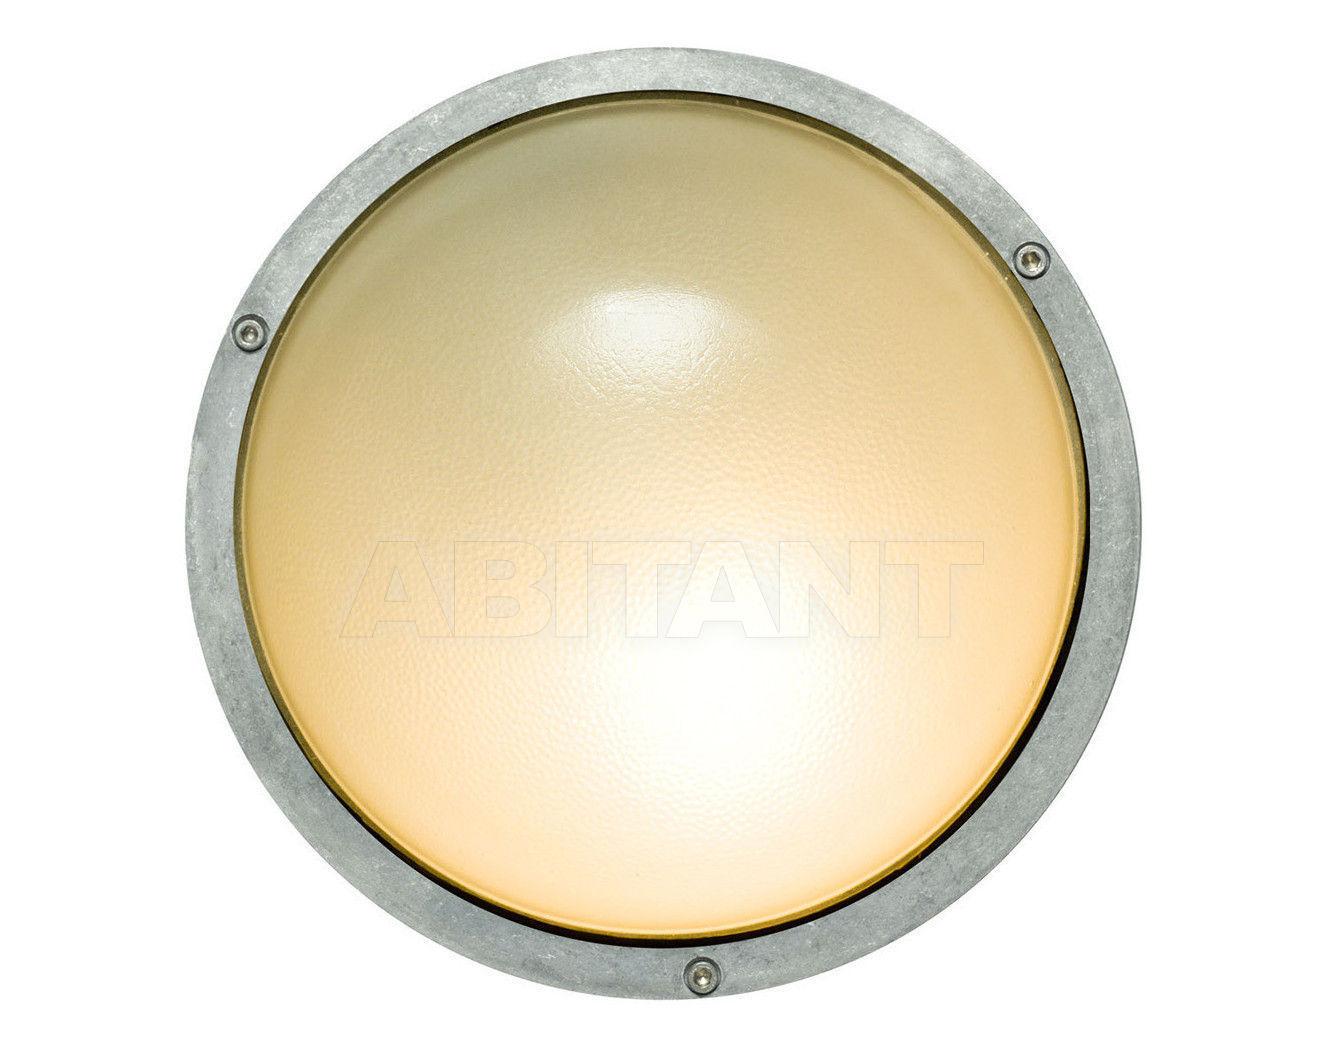 Купить Светильник Davey Lighting Bulkhead Lights 8134/AL/E27